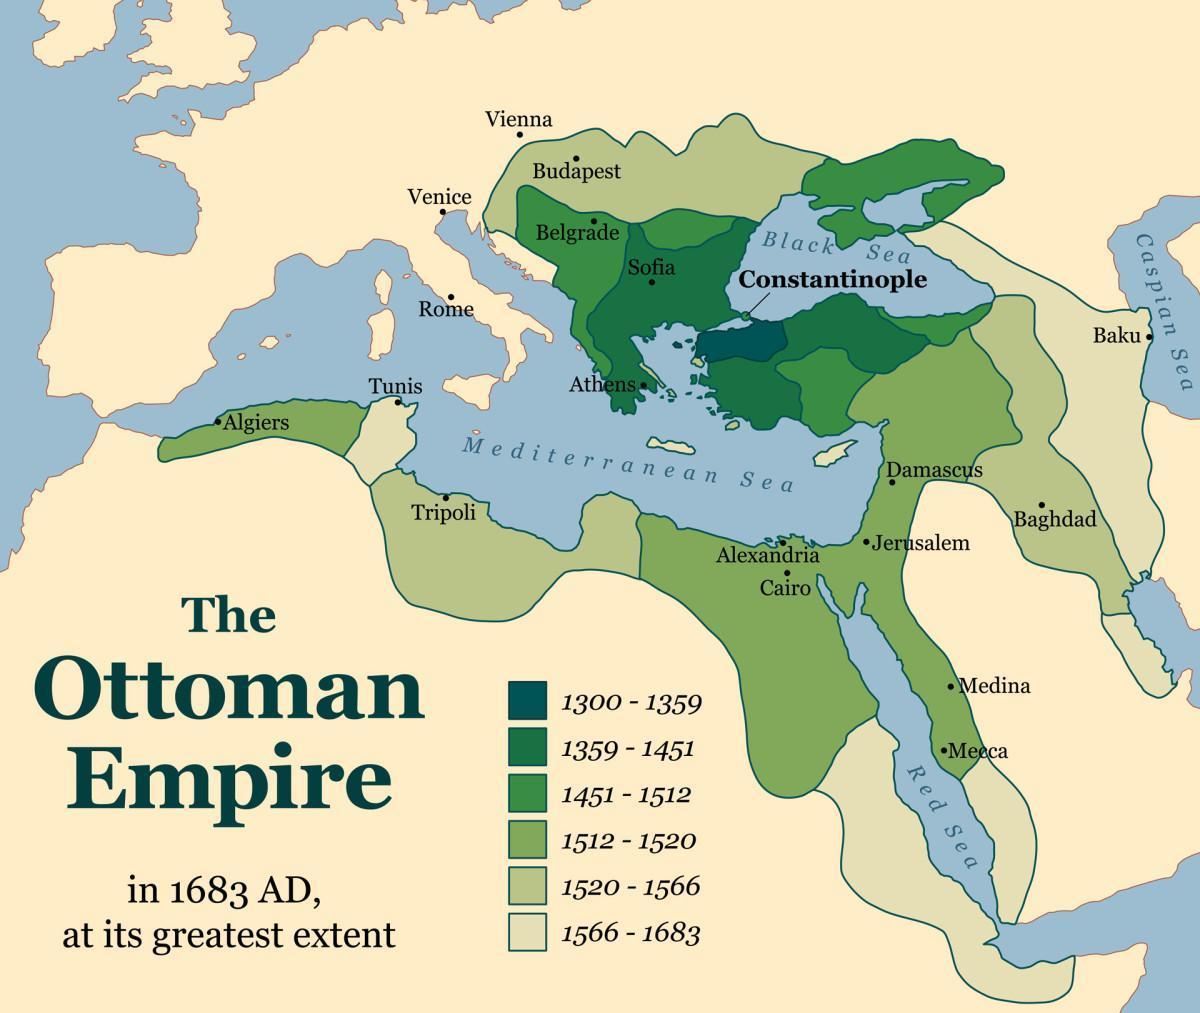 Ottoman Empire in 1683 : MapPorn